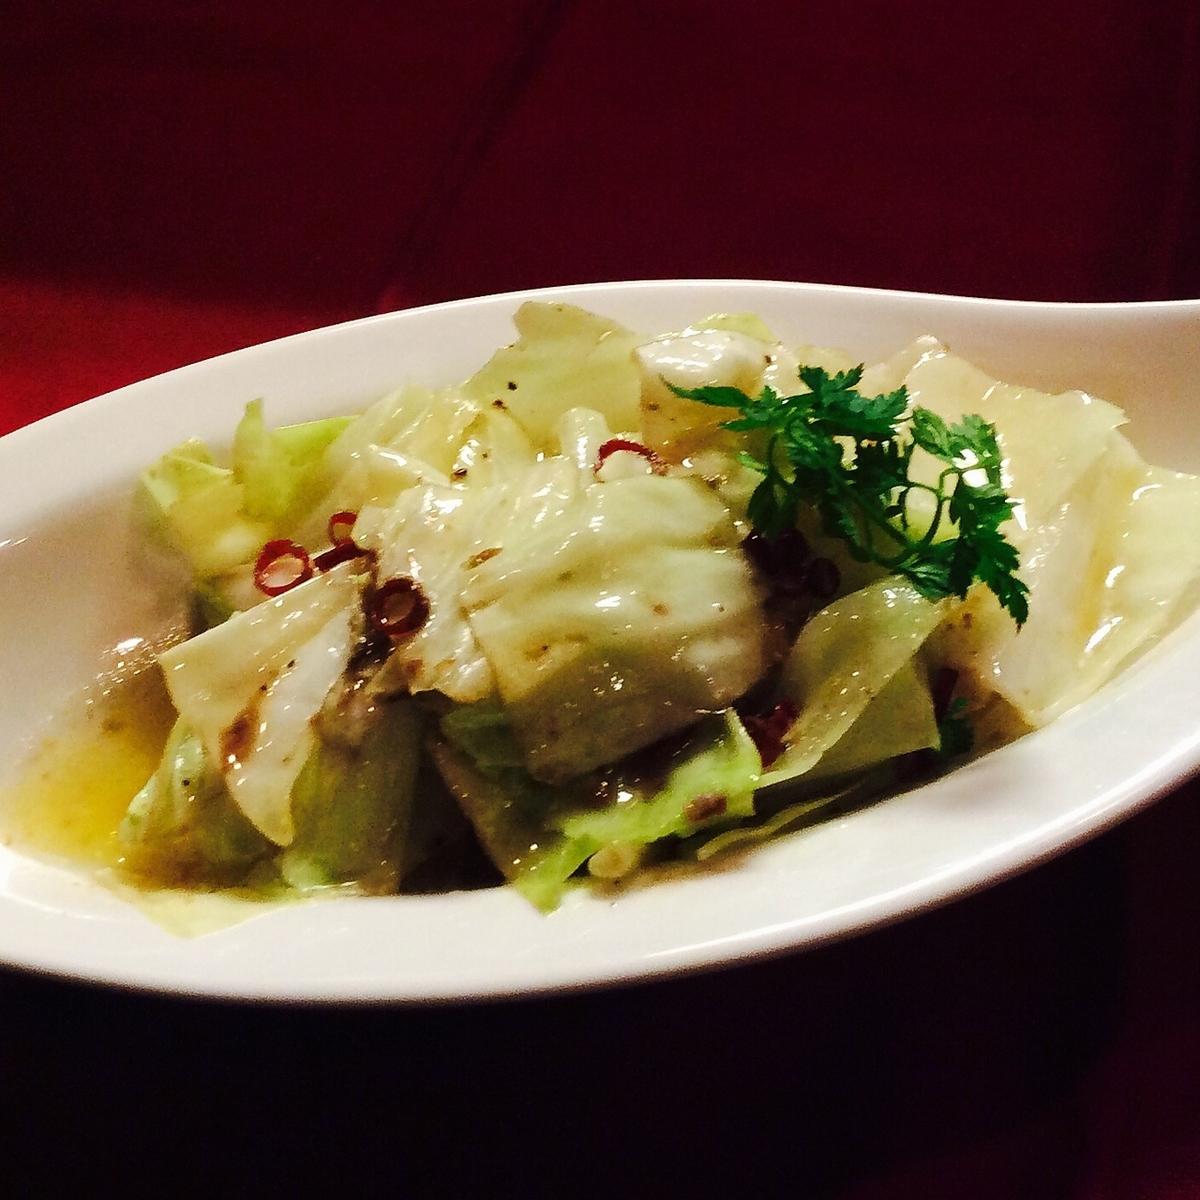 凤尾鱼卷心菜